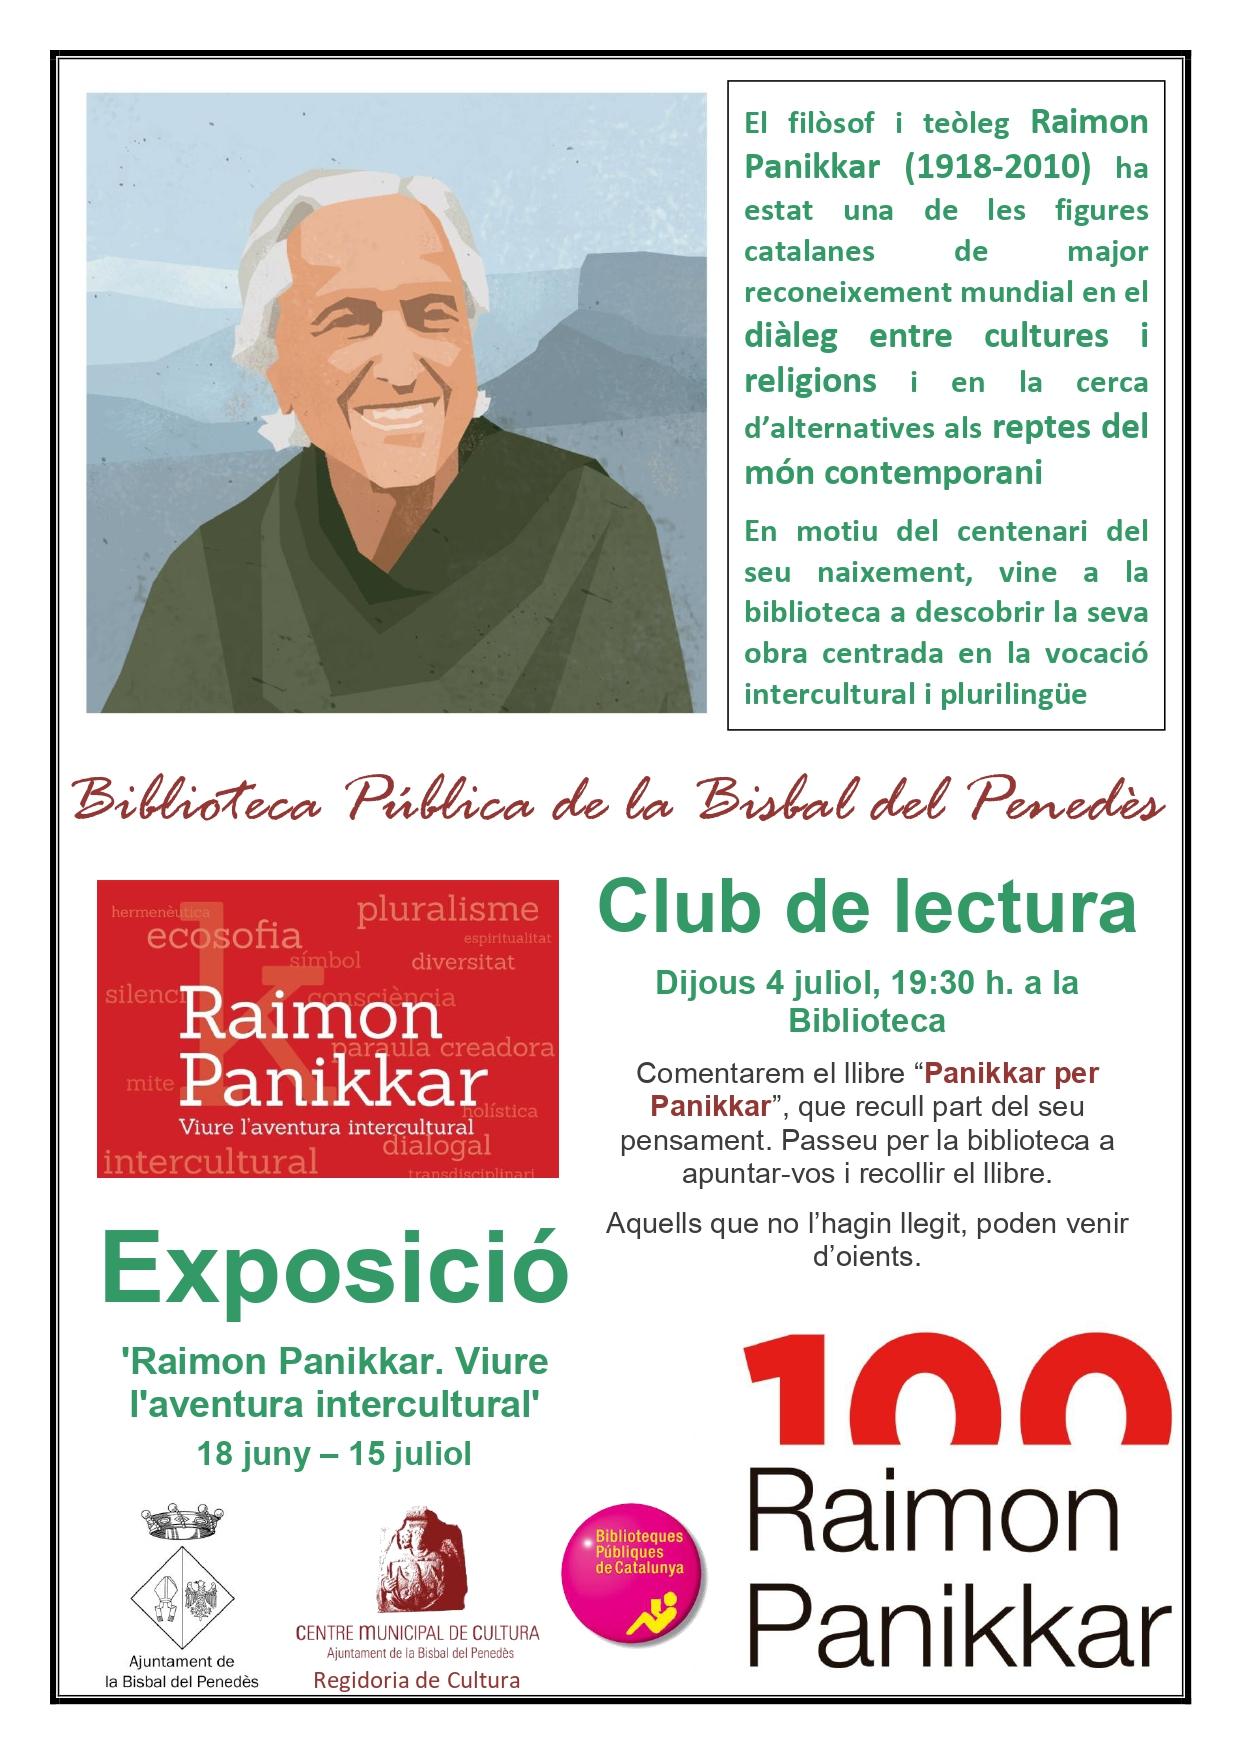 Nova exposició i club de lectura a la Biblioteca de la Bisbal del Penedès: 'Raimon Pannikar. Viure l'aventura intercultural'